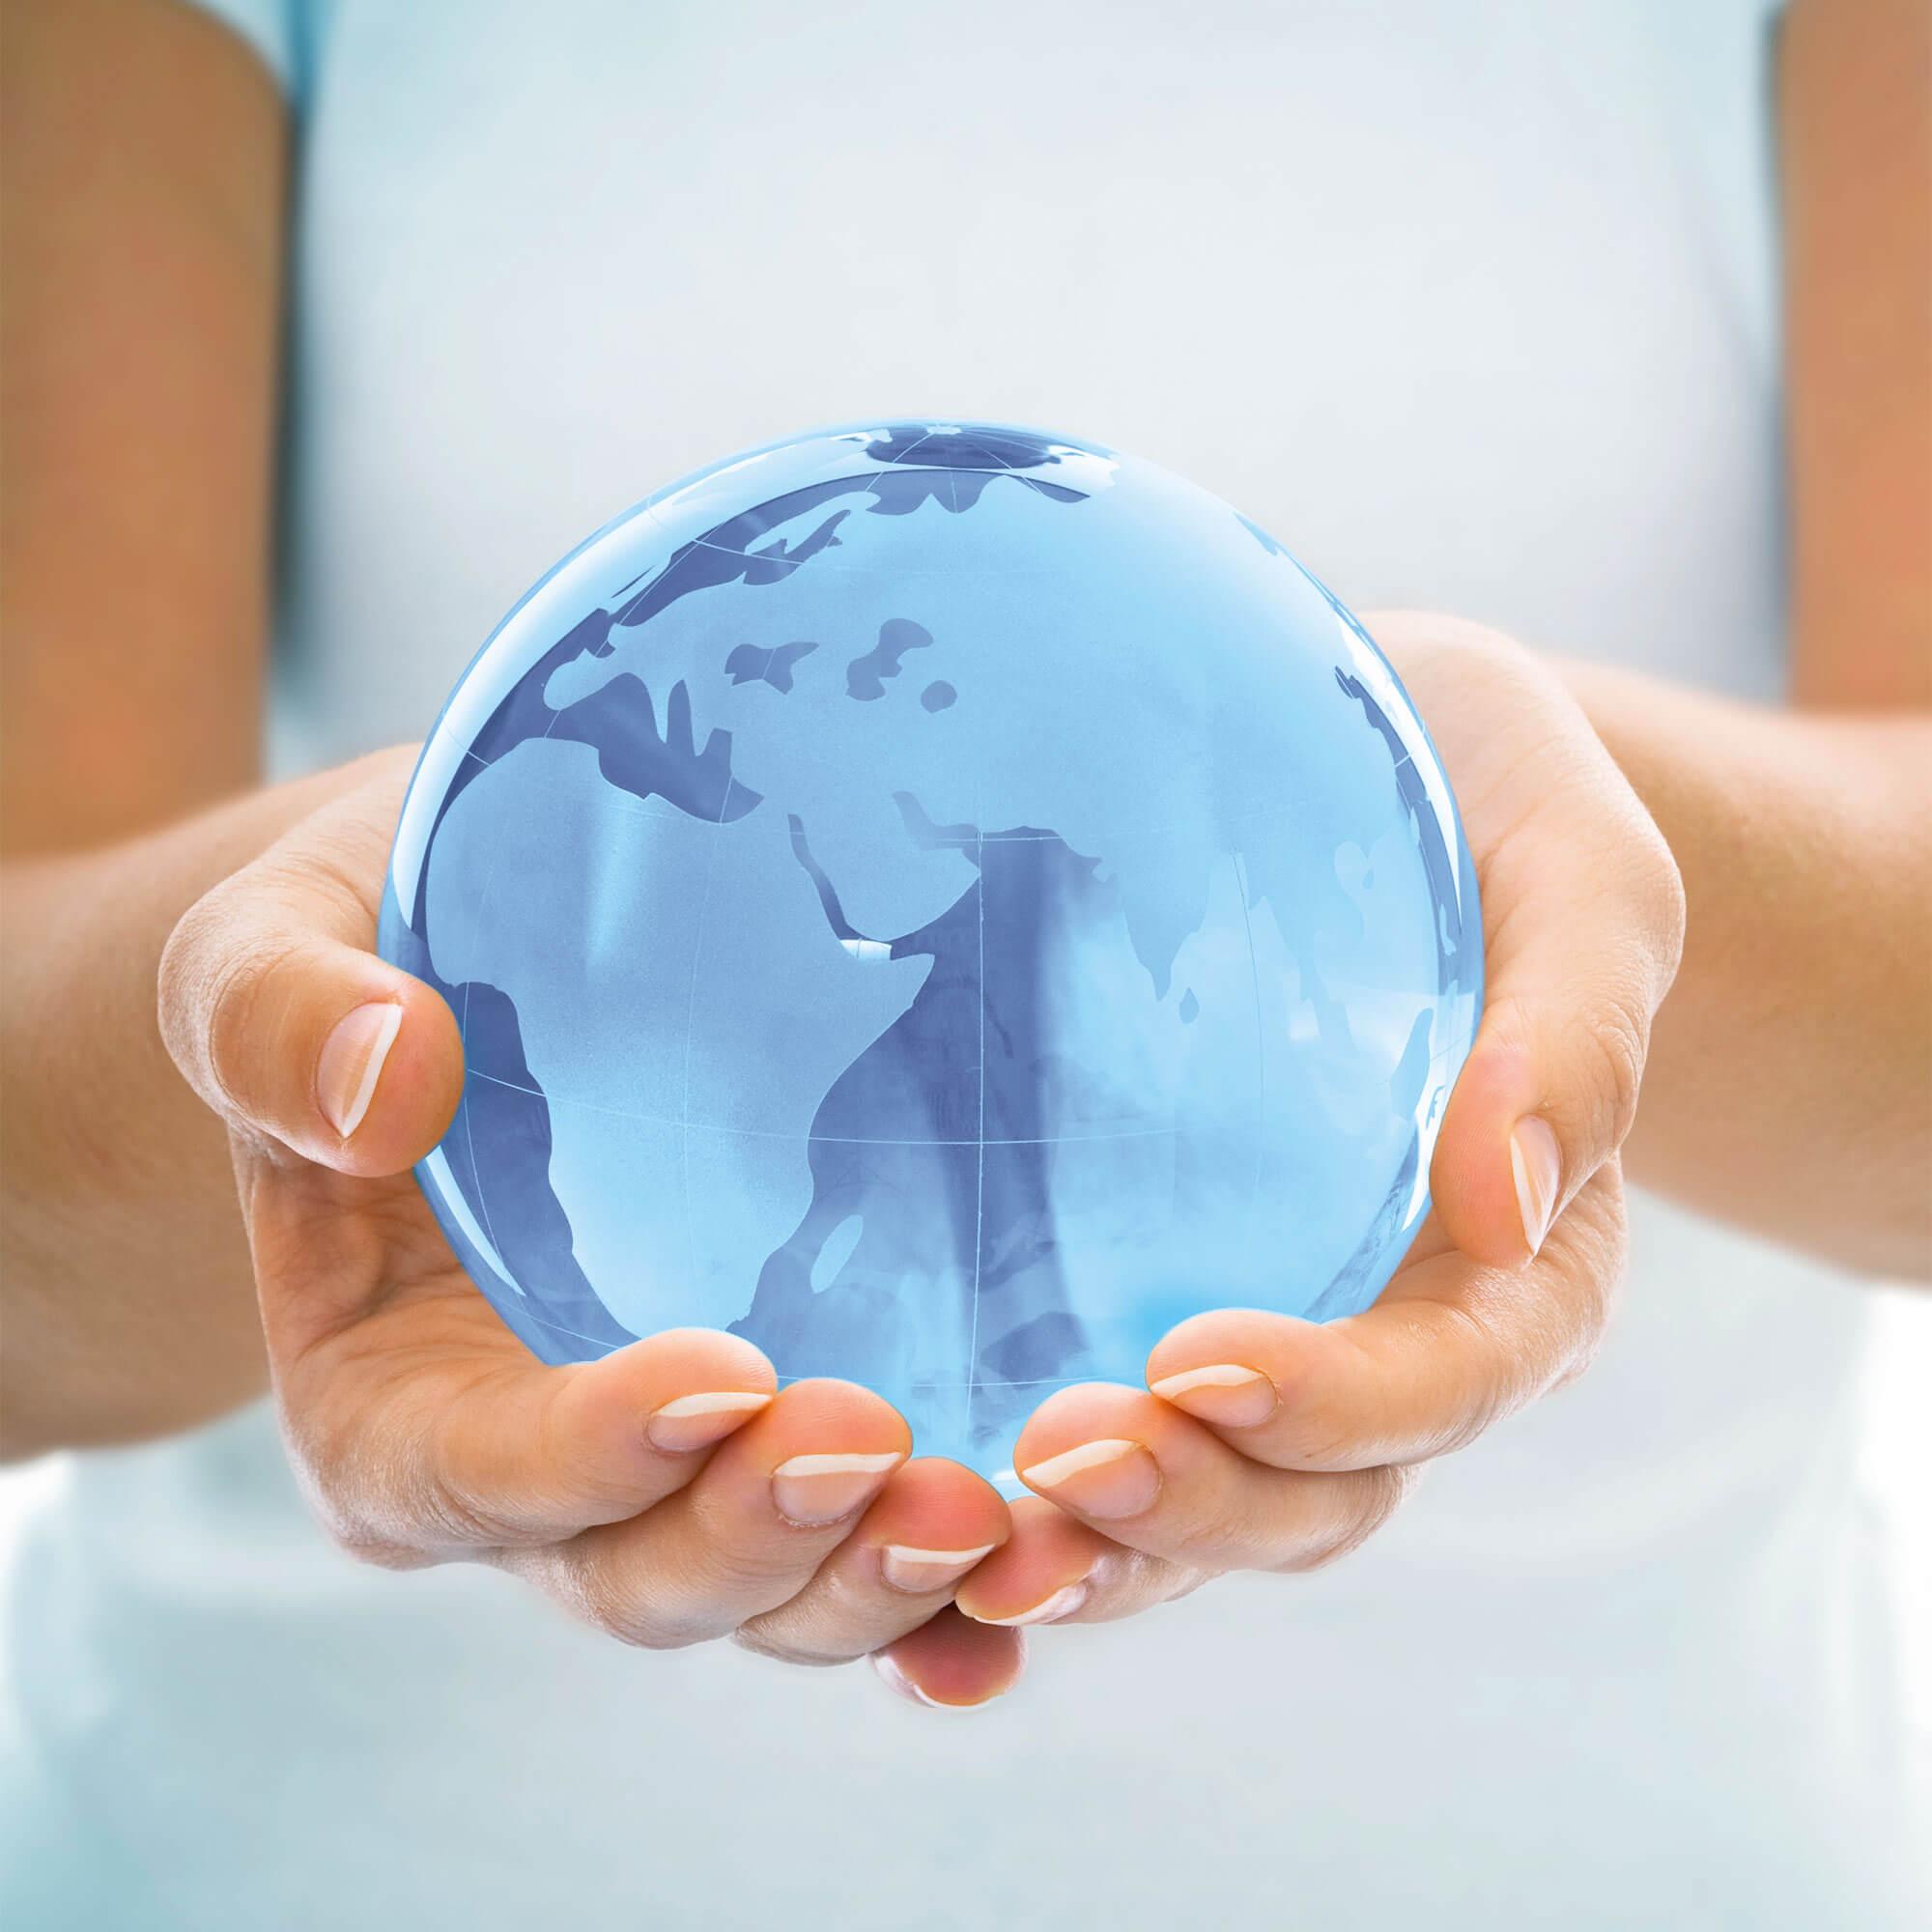 Personne tenant un globe en verre bleu dans les mains.